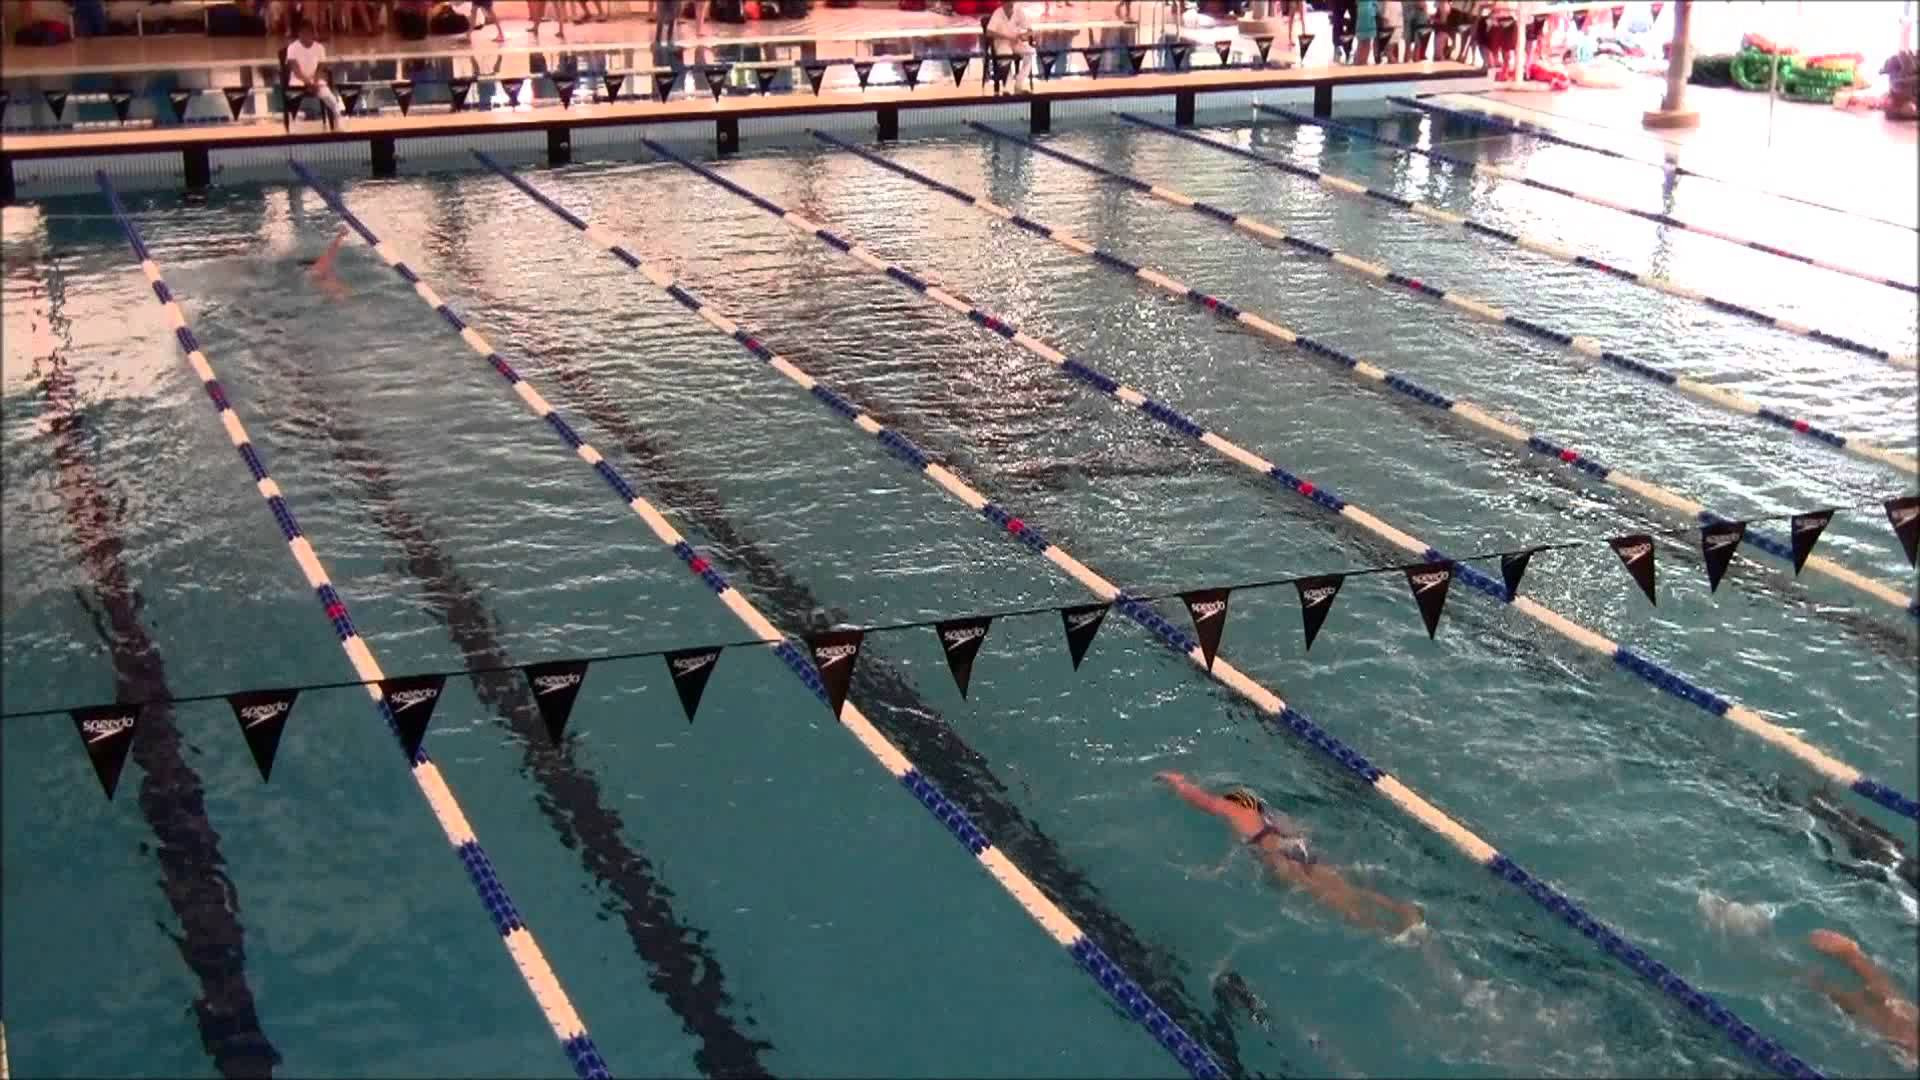 Troppi atleti e rischio sicurezza: sospesa una gara di nuoto per bambini ad Acilia